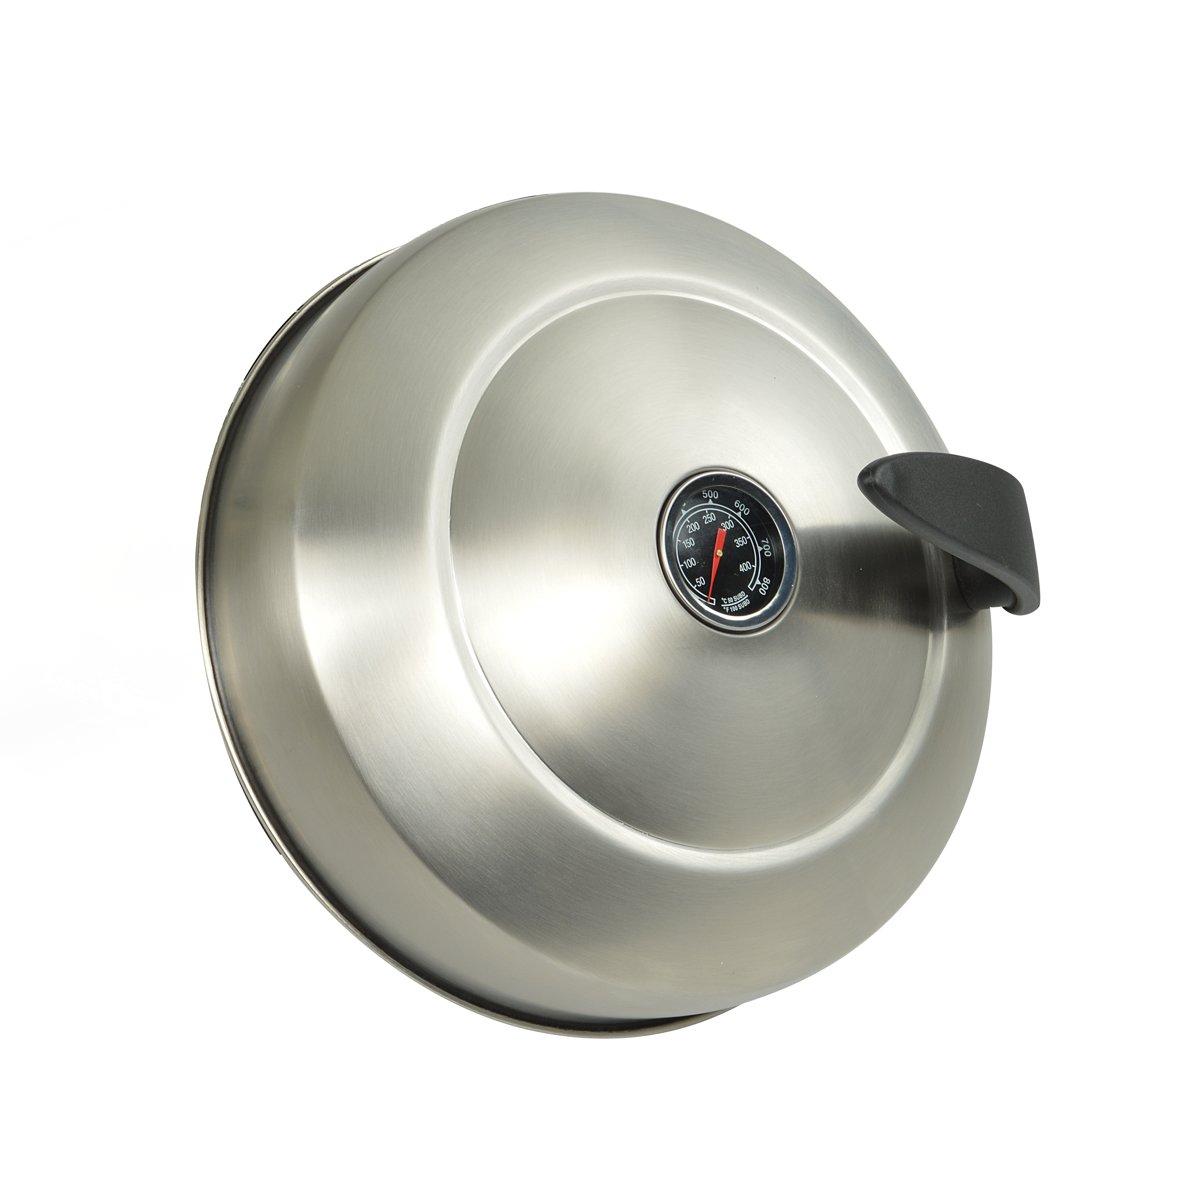 BarbeQool/Grillerette Deluxe Deksel  met Thermometer kopen